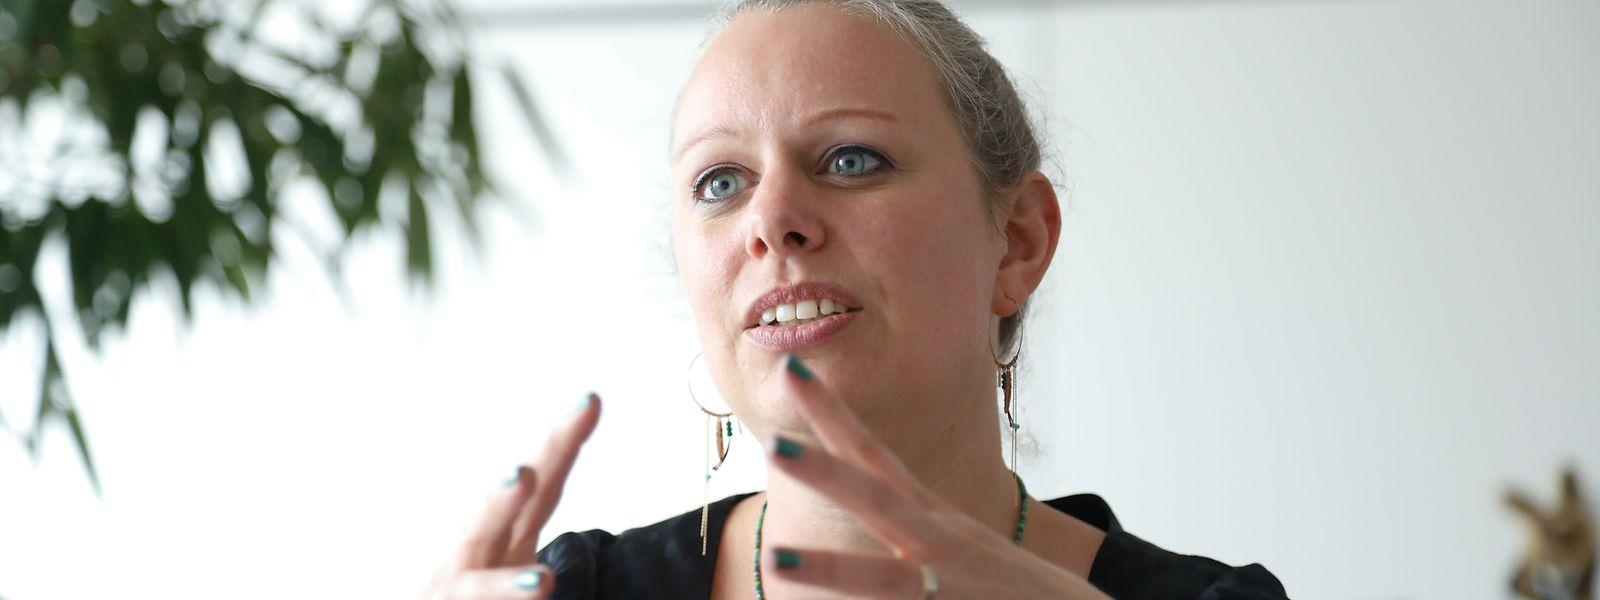 Carole Dieschbourg versprach, dass die Kontrollen an den Gewässern verstärkt werden.